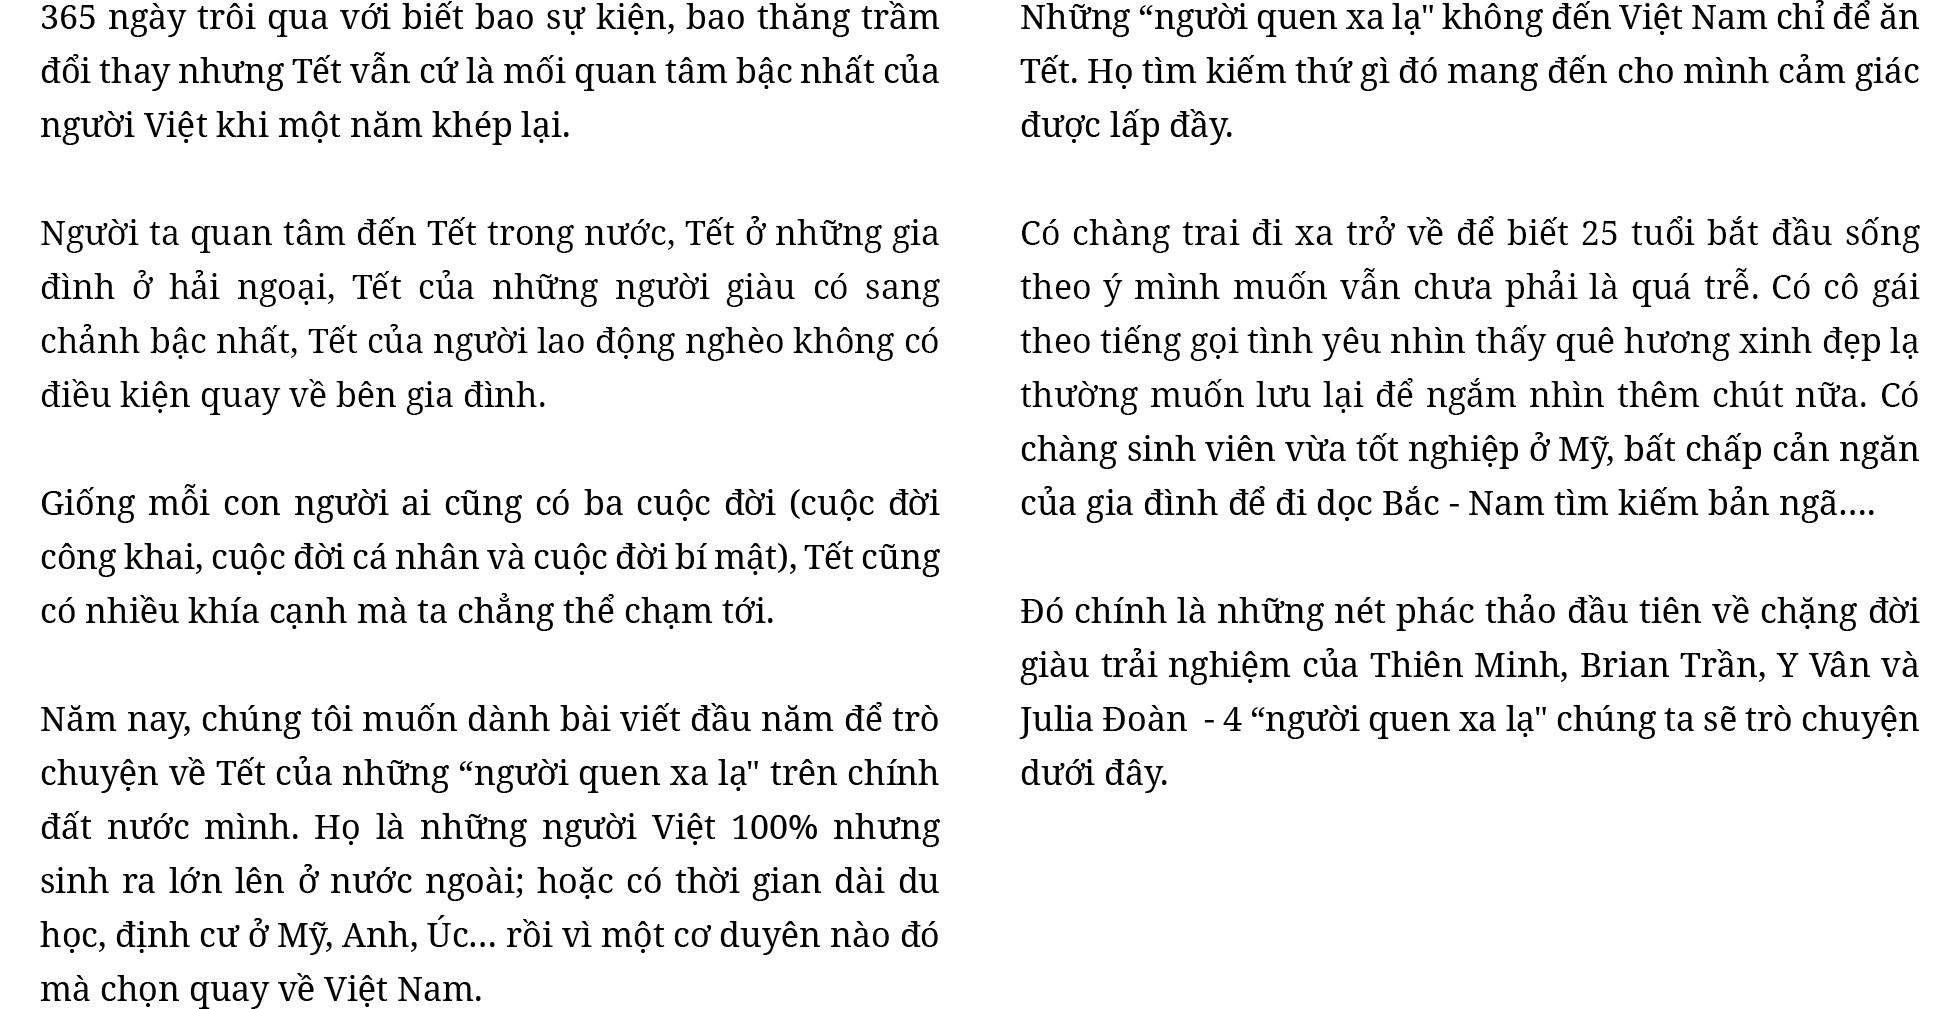 """""""Người quen xa lạ"""" ăn Tết Việt: Chuyến đi tìm về hương vị thịt mỡ dưa hành hay chạm đến gốc rễ của câu hỏi tôi là ai? - Ảnh 2."""